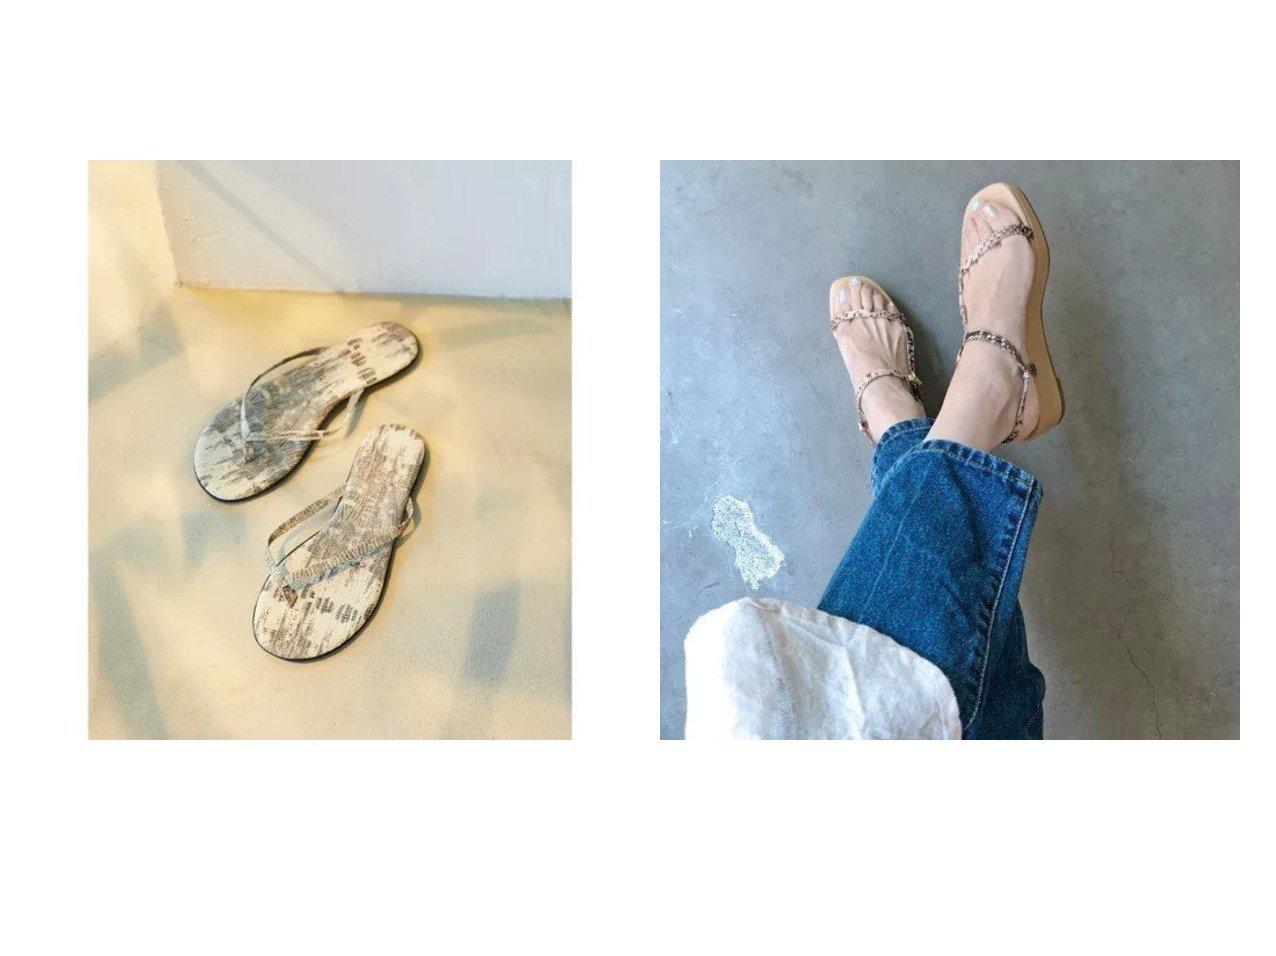 【GALLARDAGALANTE/ガリャルダガランテ】の【TKEES】トングサンダル Milk Snake&【enchanted/エンチャンテッド】の本革ラインストラップウエッジサンダル 【シューズ・靴】おすすめ!人気、トレンド・レディースファッションの通販 おすすめで人気の流行・トレンド、ファッションの通販商品 メンズファッション・キッズファッション・インテリア・家具・レディースファッション・服の通販 founy(ファニー) https://founy.com/ ファッション Fashion レディースファッション WOMEN クッション サンダル シューズ ラップ エレガント コレクション シンプル 人気 パイソン ビーチ フラット ラグジュアリー リゾート リラックス おすすめ Recommend |ID:crp329100000036728